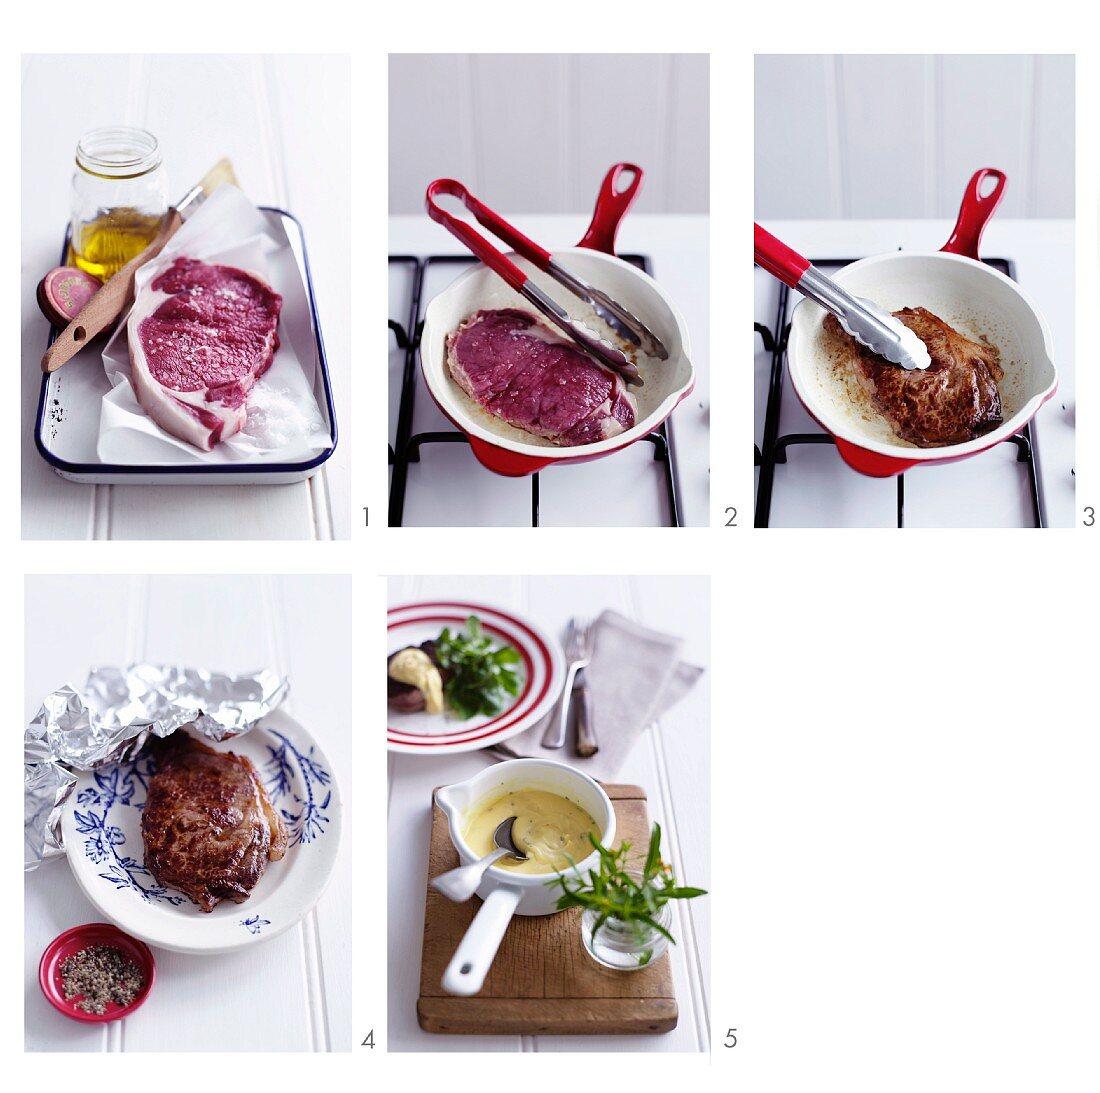 Beef steak being prepared